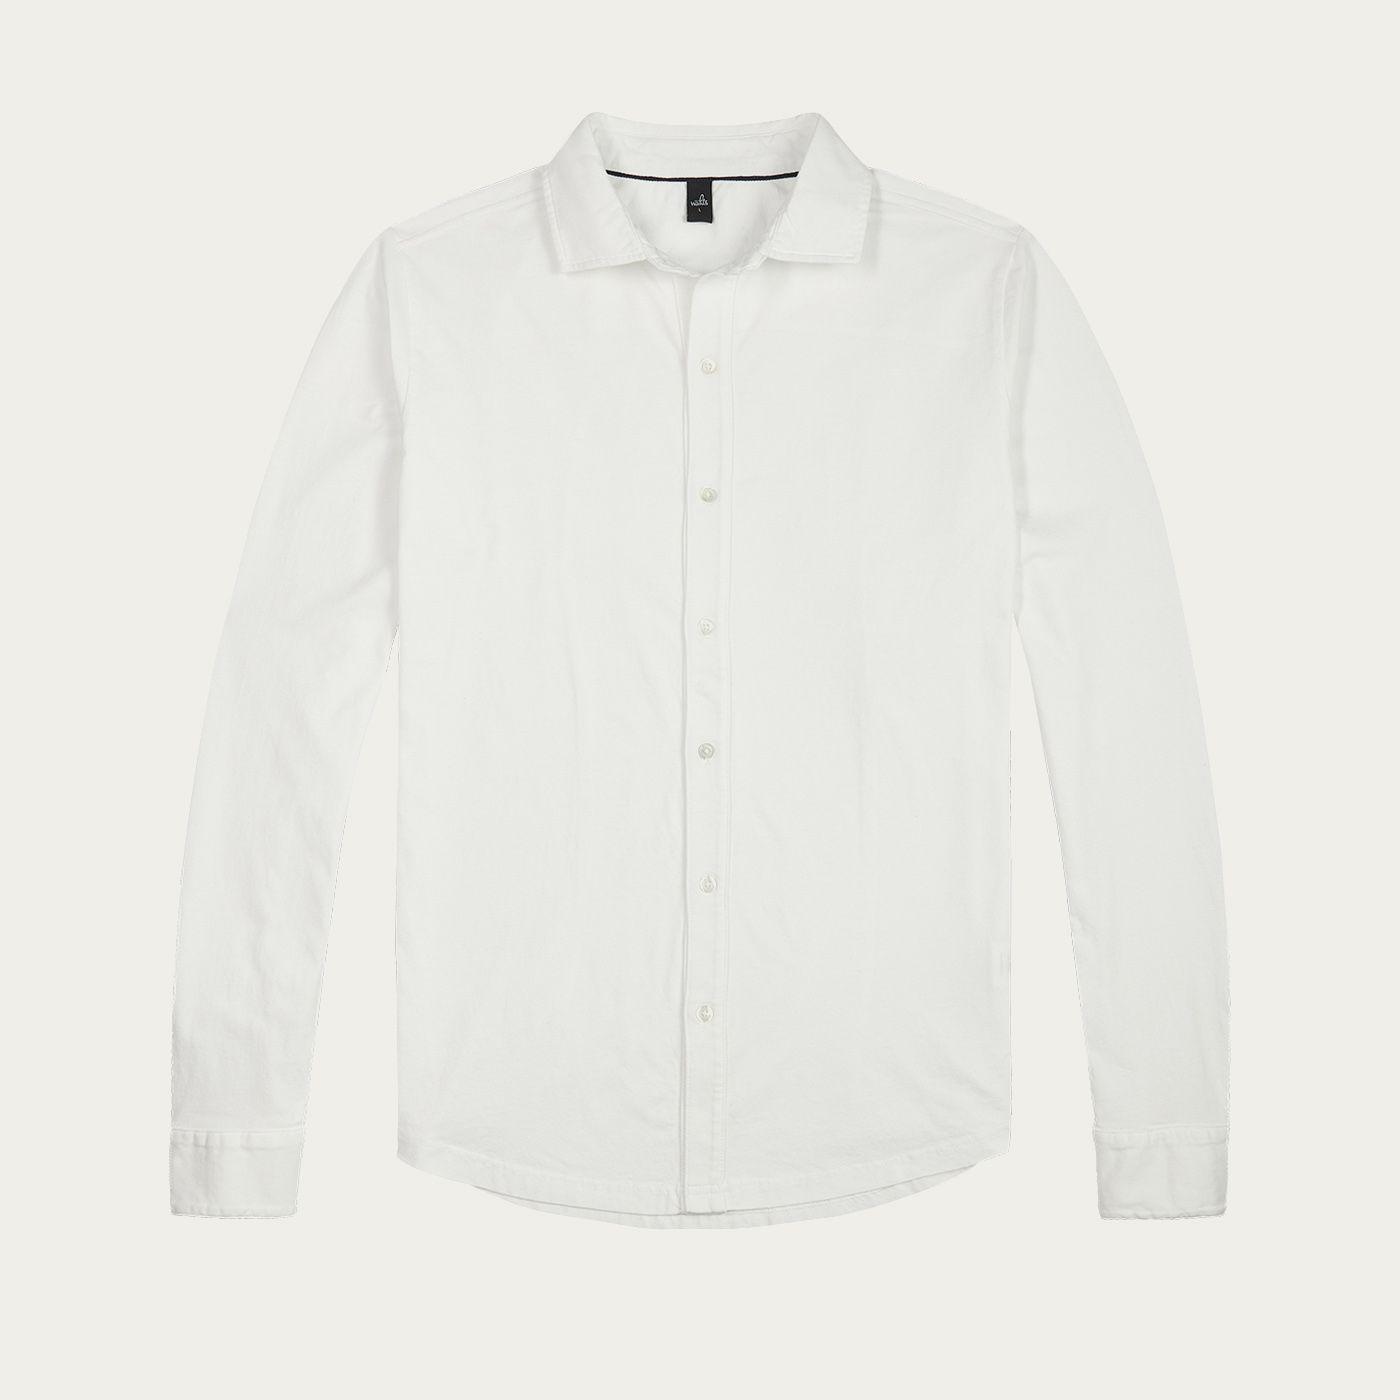 Pure White Barton Tailored Jersey Shirt | Bombinate